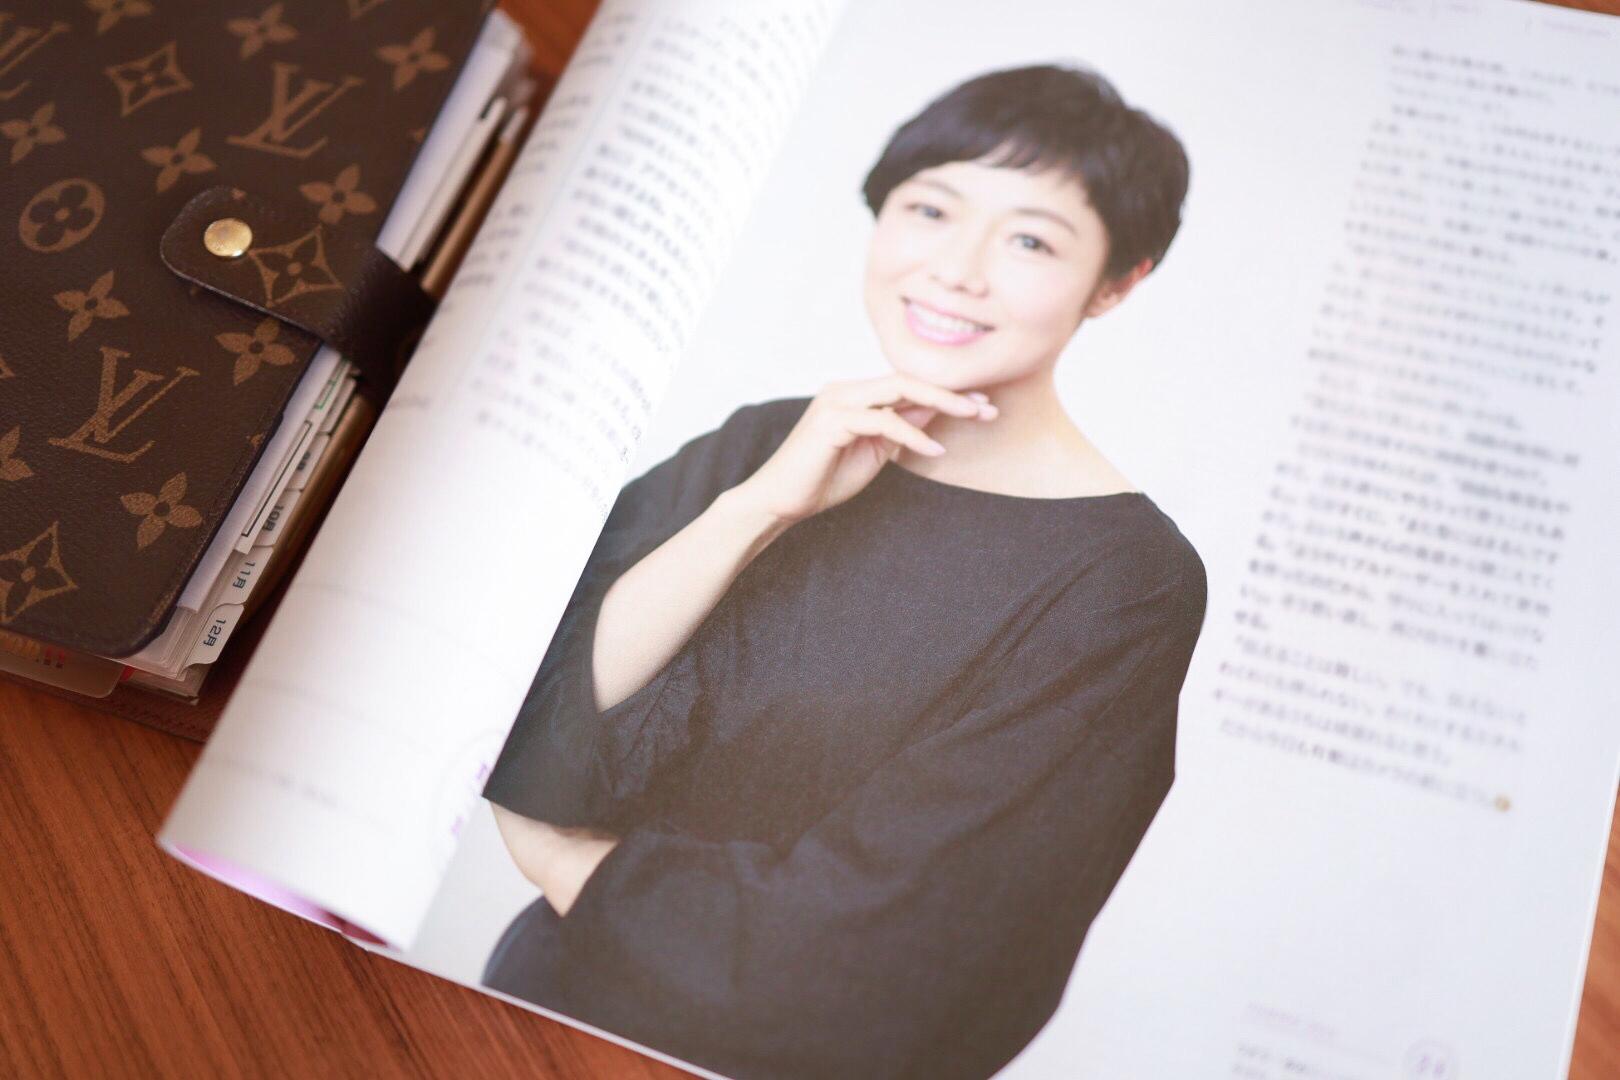 この雑誌にお金を払う以上の価値があると思った有働由美子さんの言葉